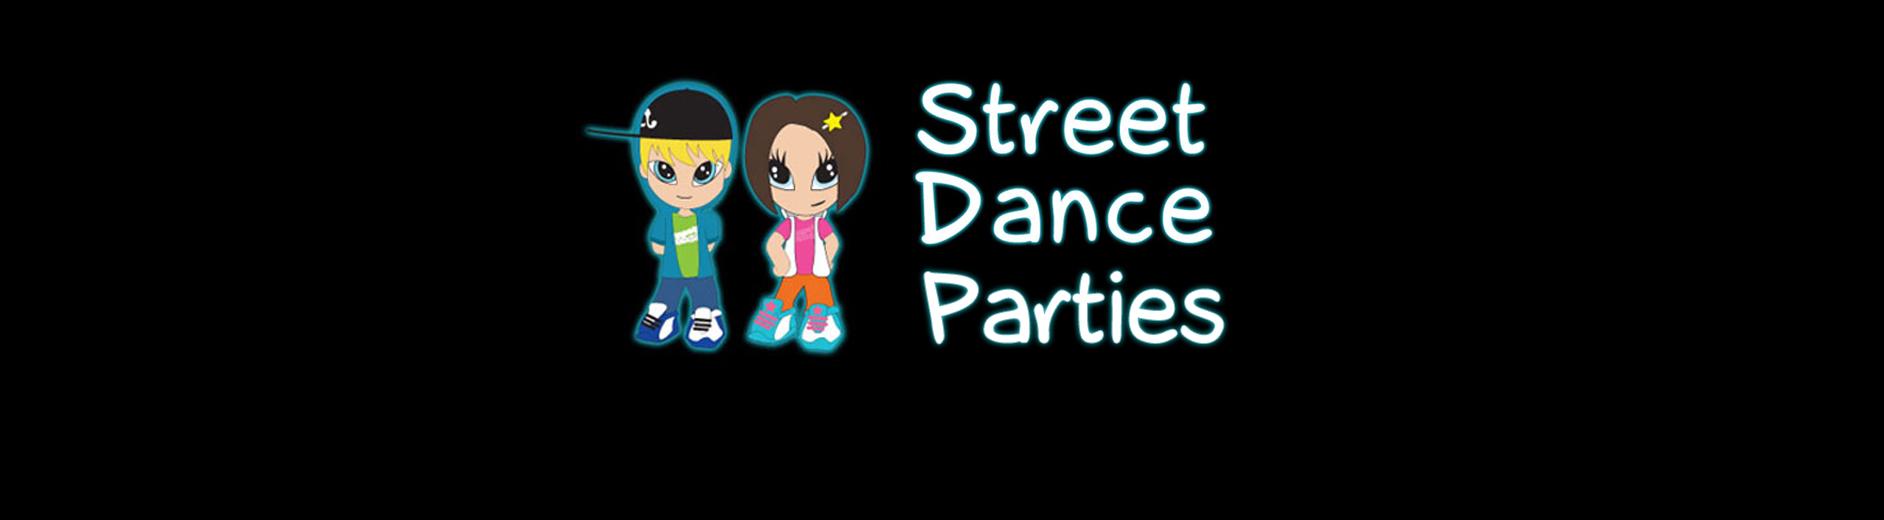 Street Dance Parties